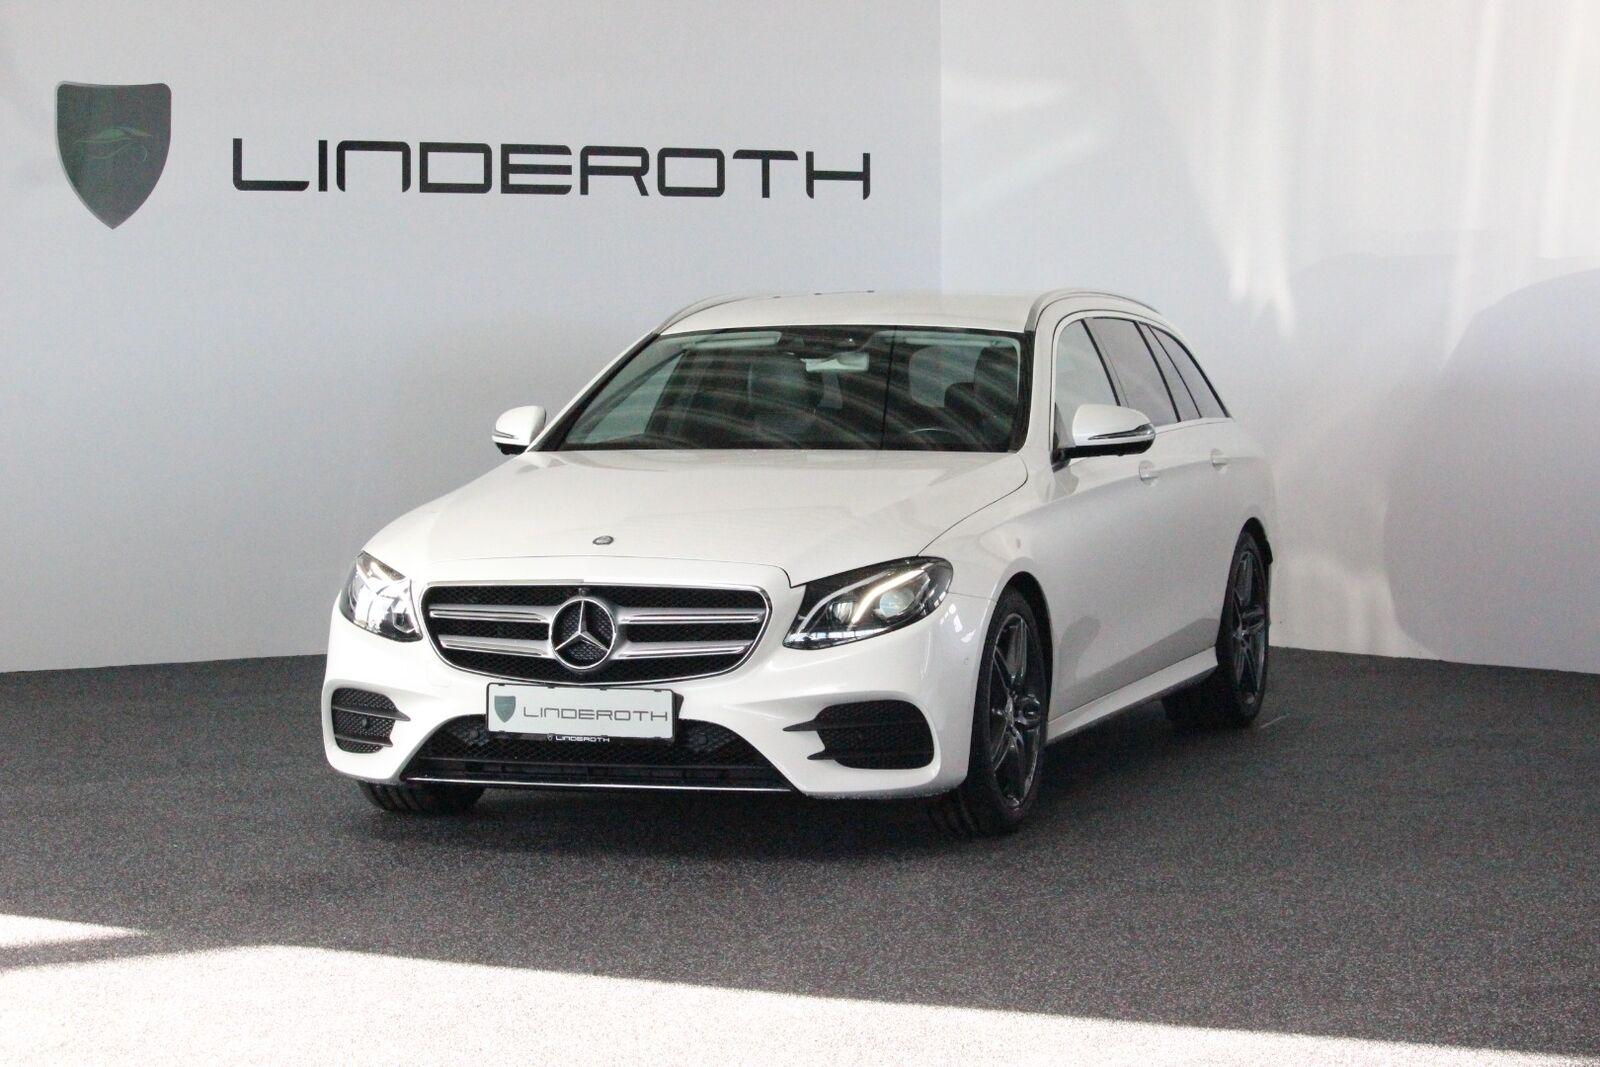 Mercedes E220 d 2,0 AMG Line stc. aut. 5d - 3.885 kr.